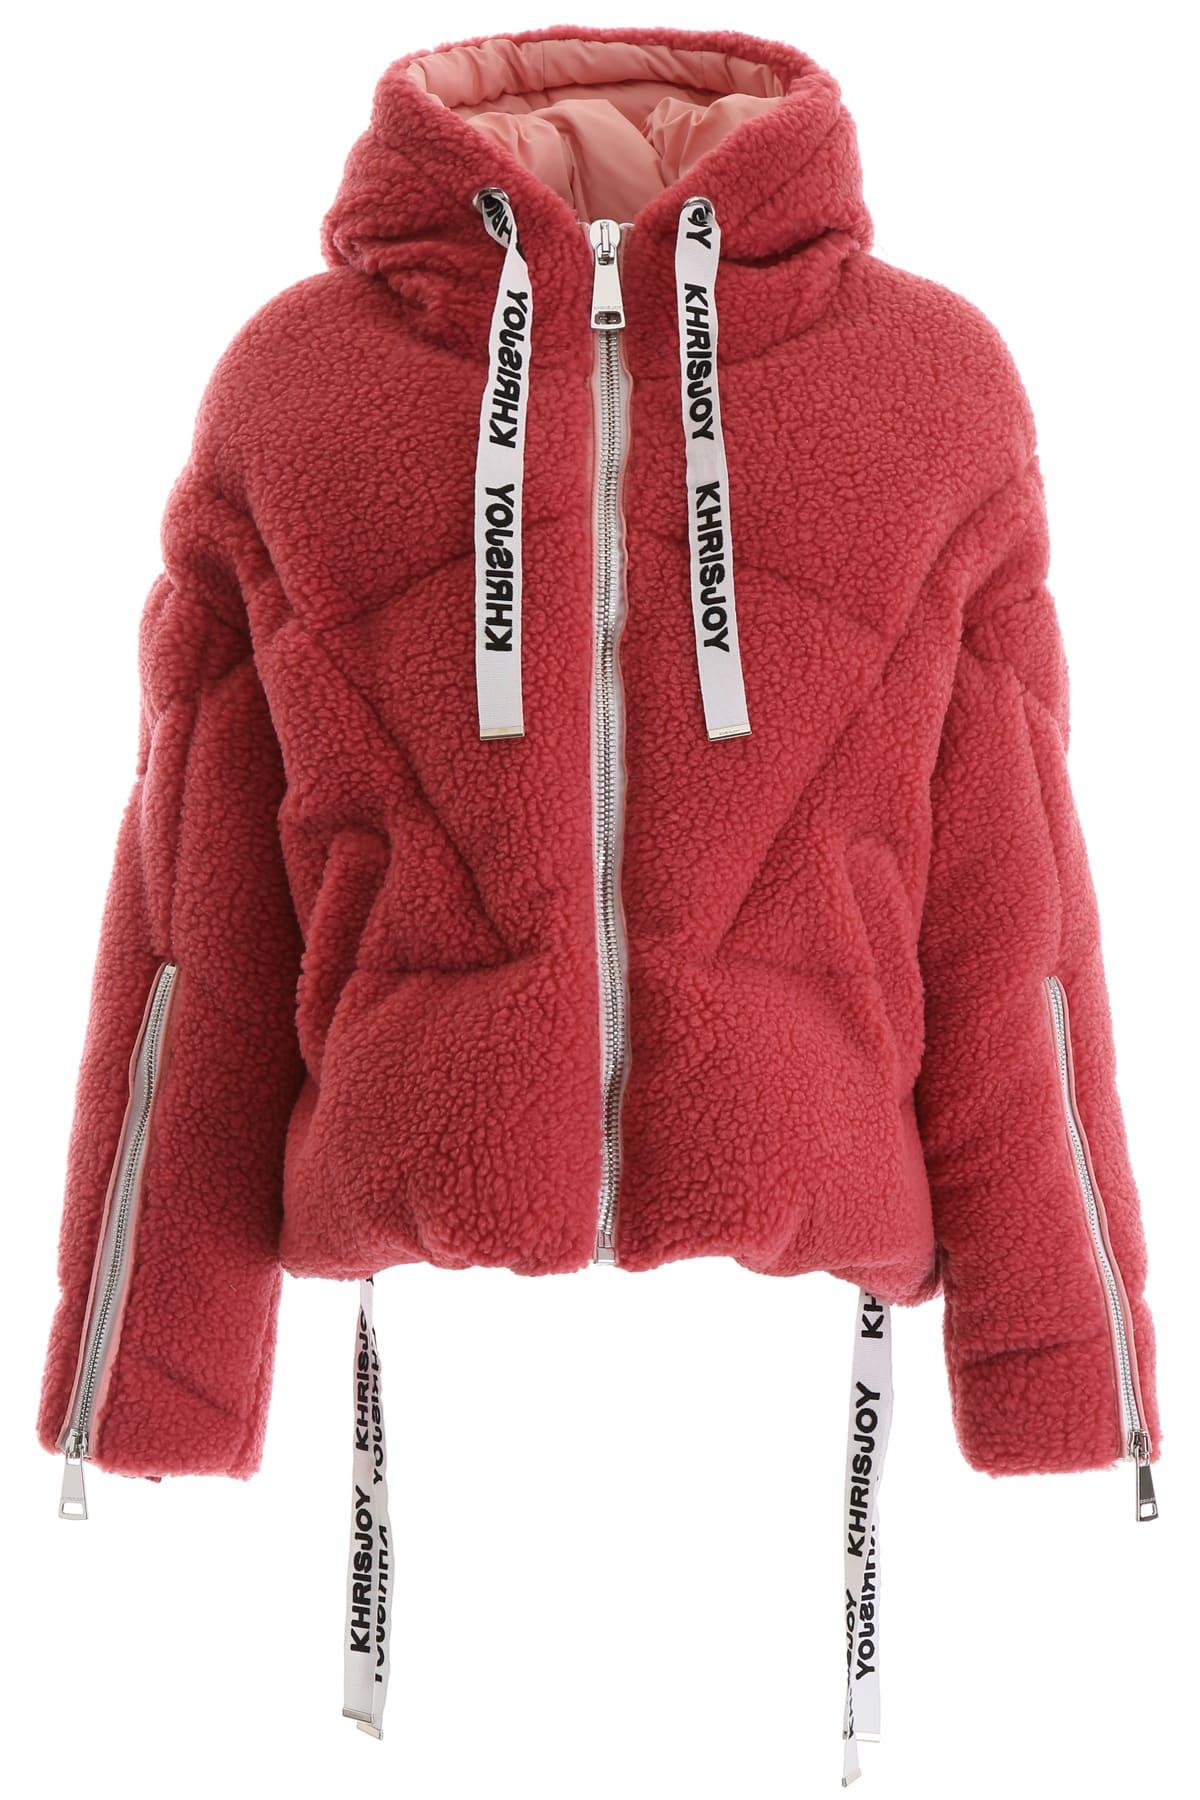 Khrisjoy Faux Shearling Khris Puffer Jacket